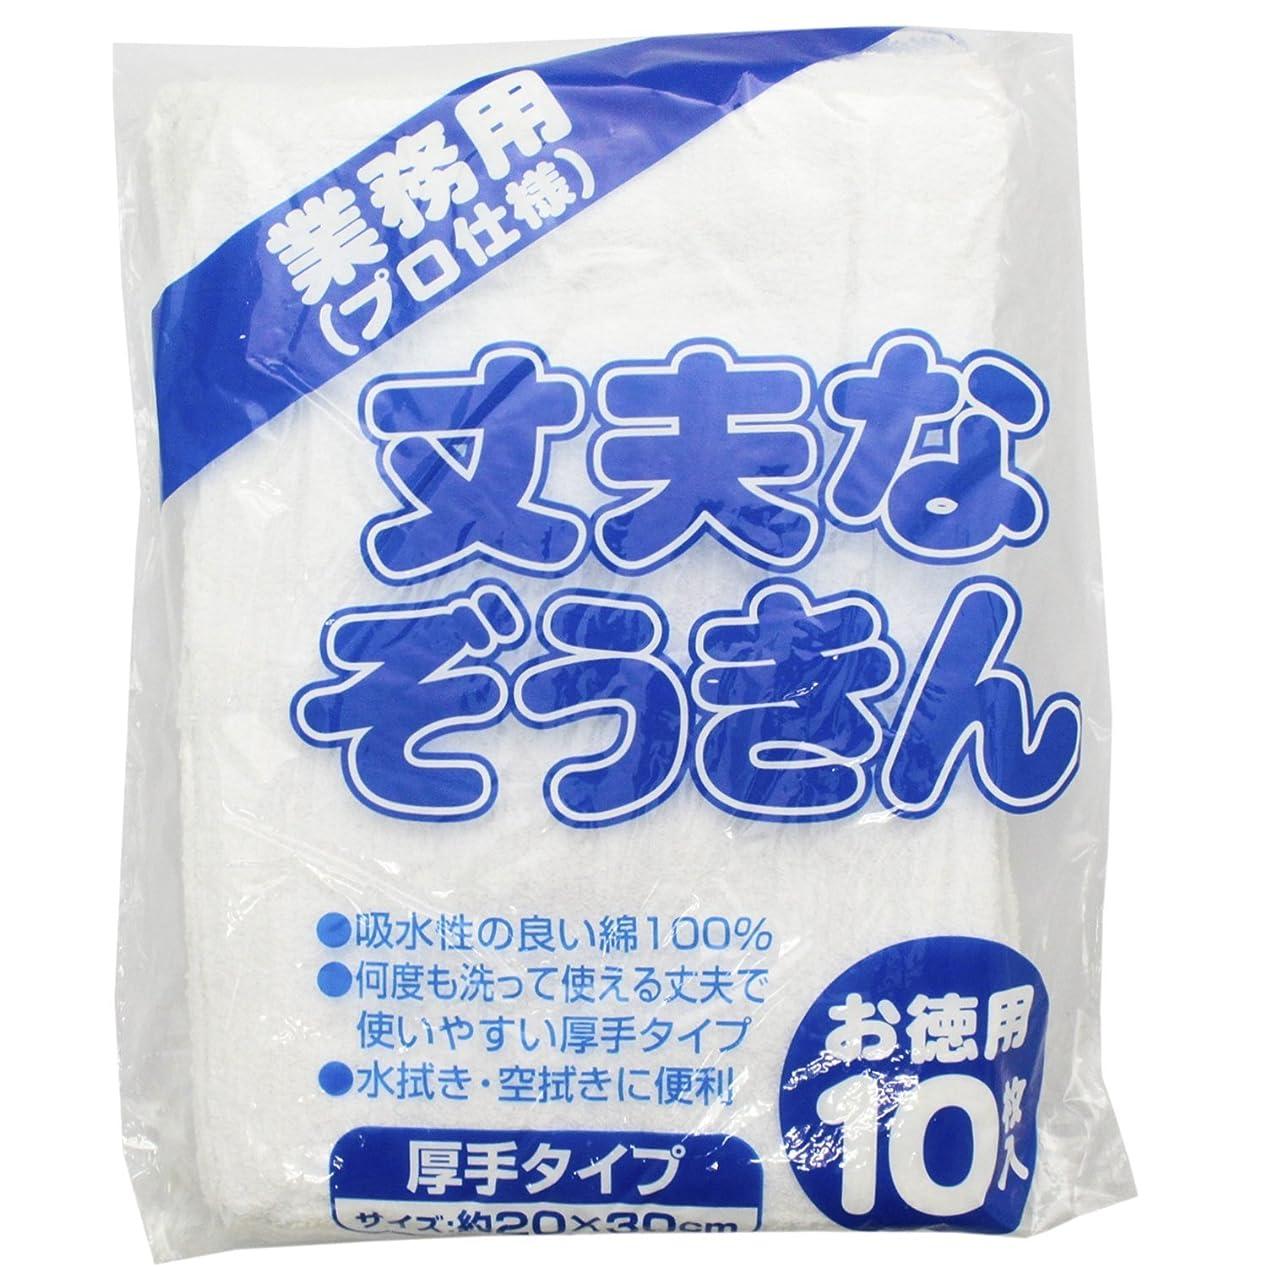 十二砂利レモン中村 雑巾 丈夫なぞうきん 厚手 業務用 10枚入り プロ仕様 50g 綿100% お得用 20×30cm